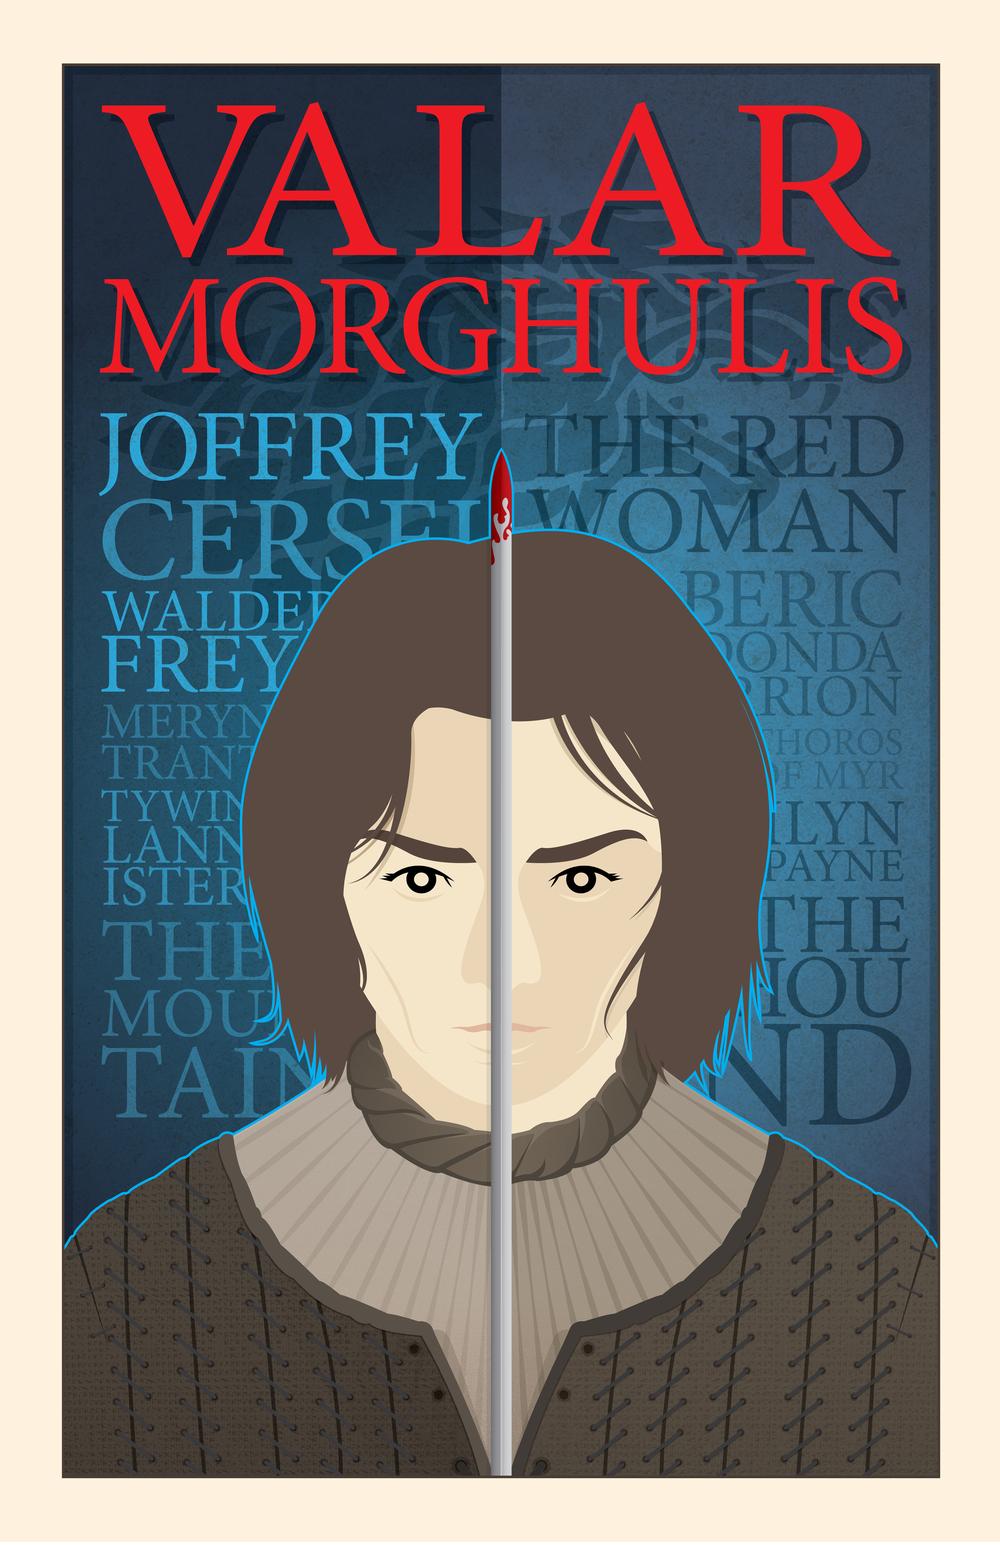 VALAR MORGHULIS (11x17)